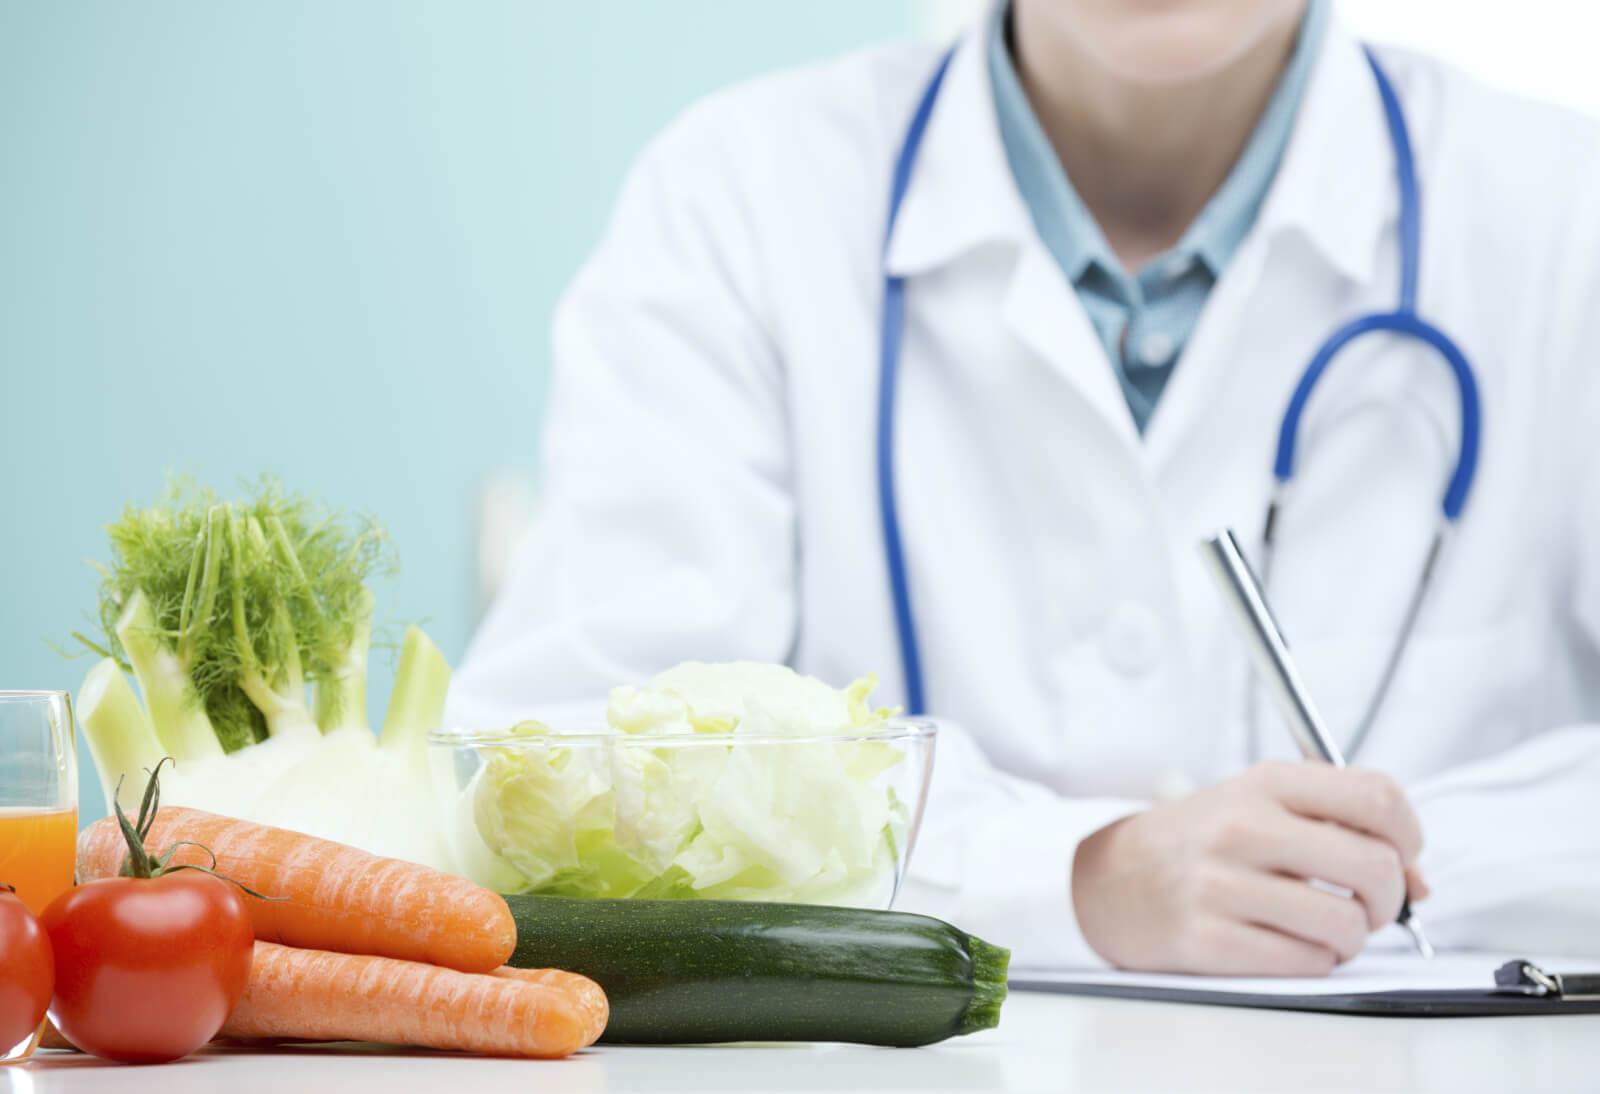 Диета при простатите и аденоме простаты: как правильно питаться